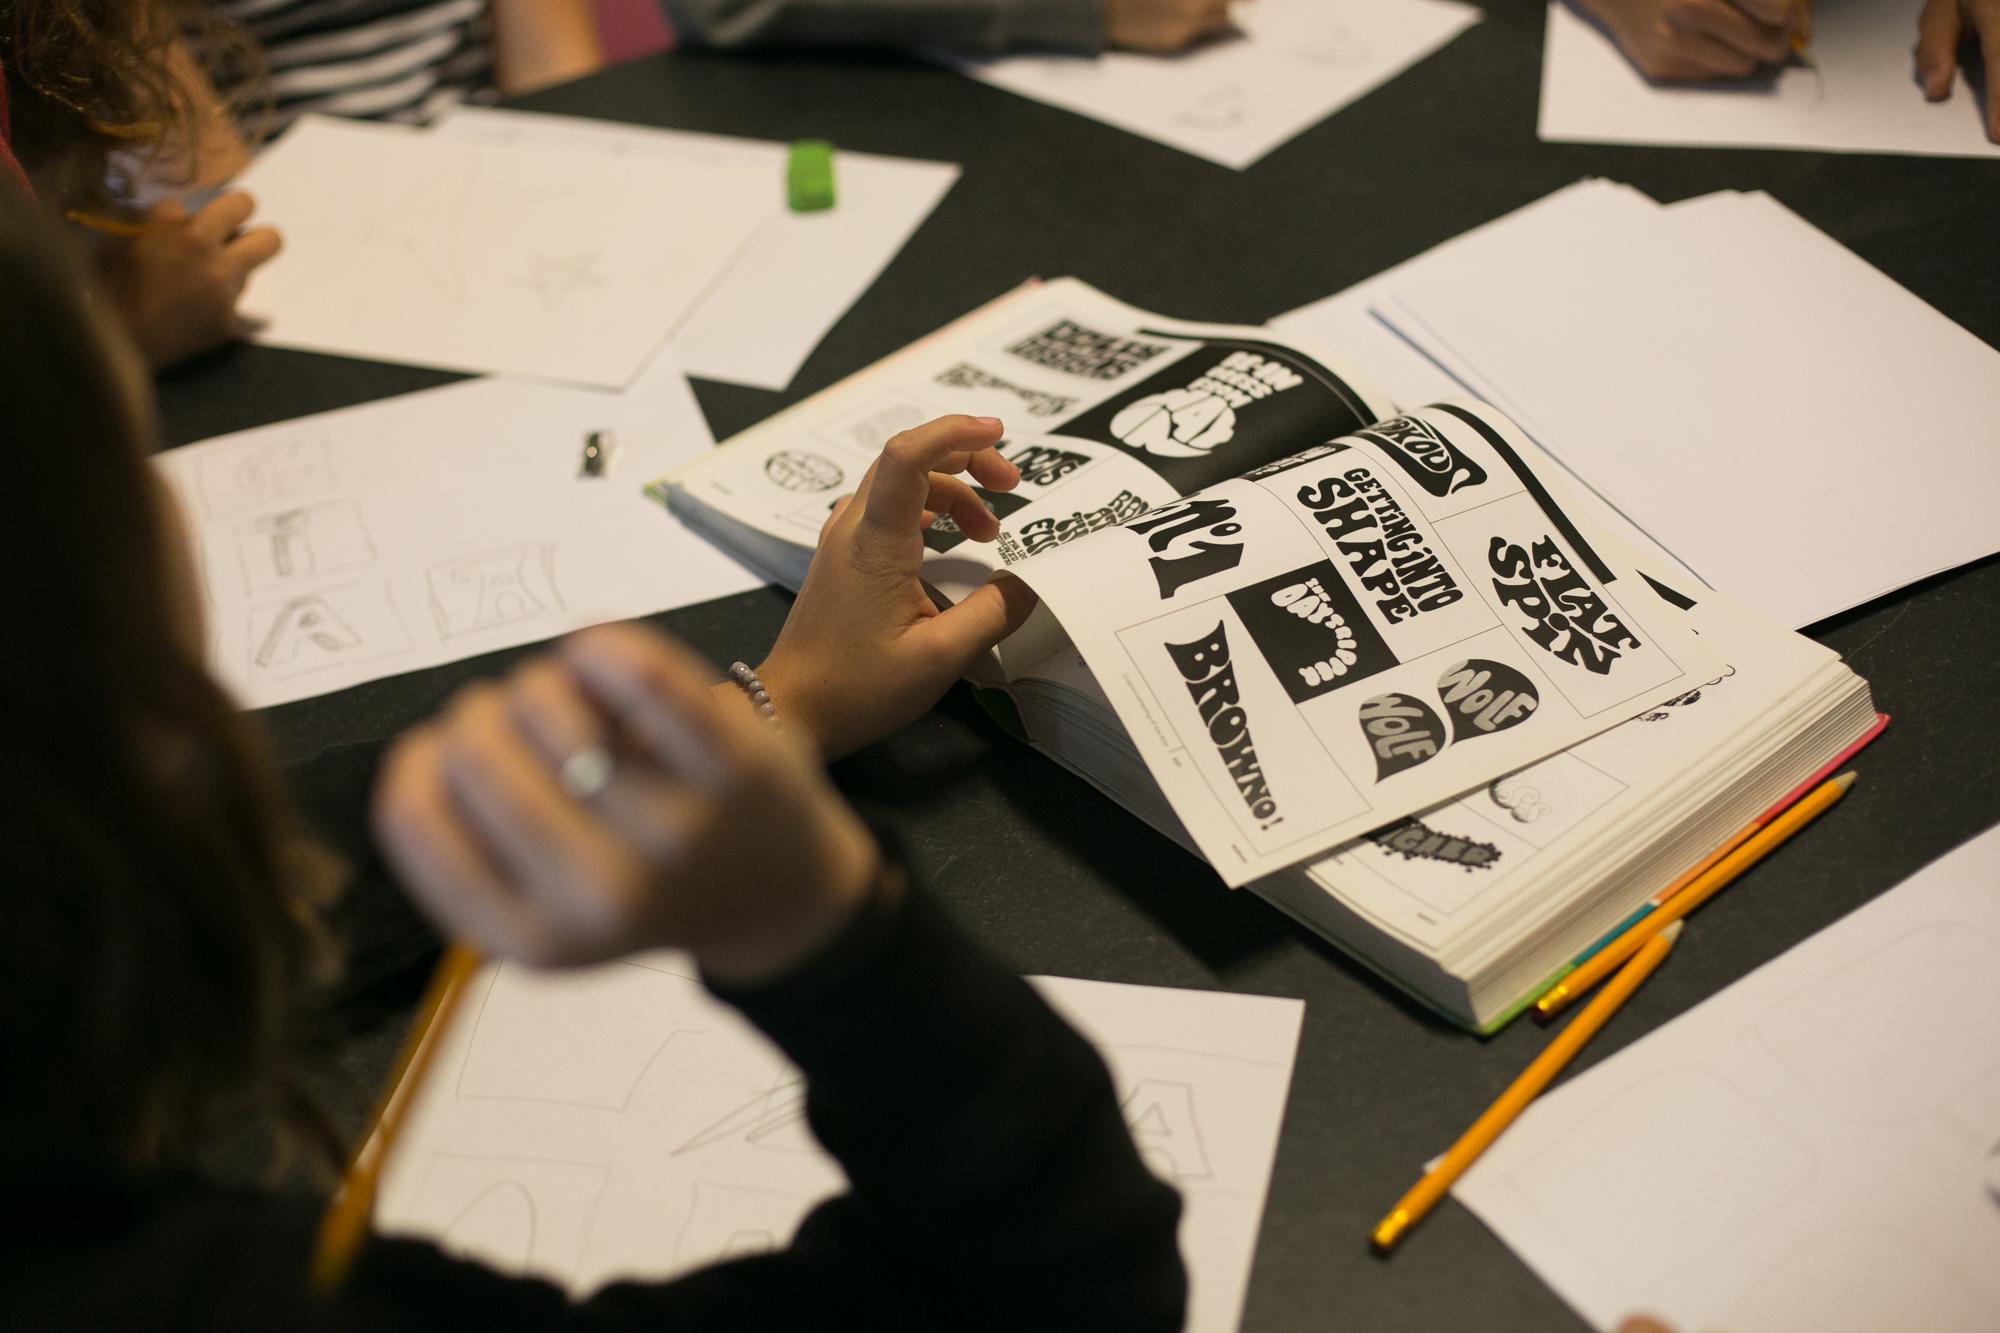 Graffitiworkshop schets Kinderfeest den Haag Skatepark sweatshop .jpg